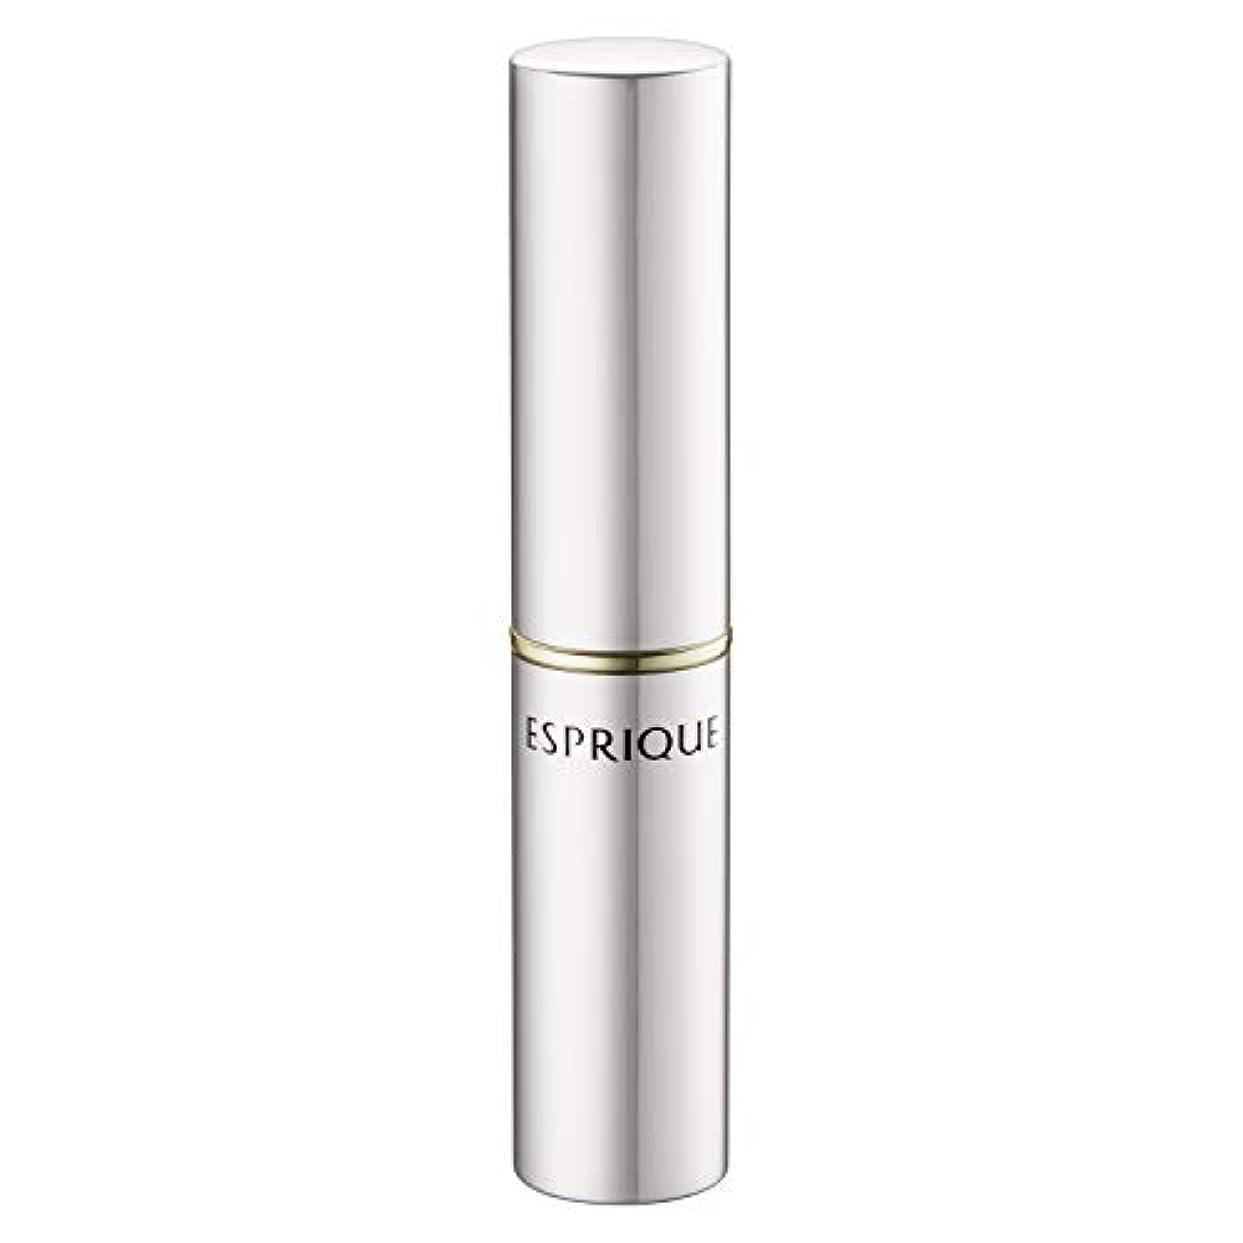 エスプリーク フィットアップ コンシーラー UV 03 ダーク 2.8g